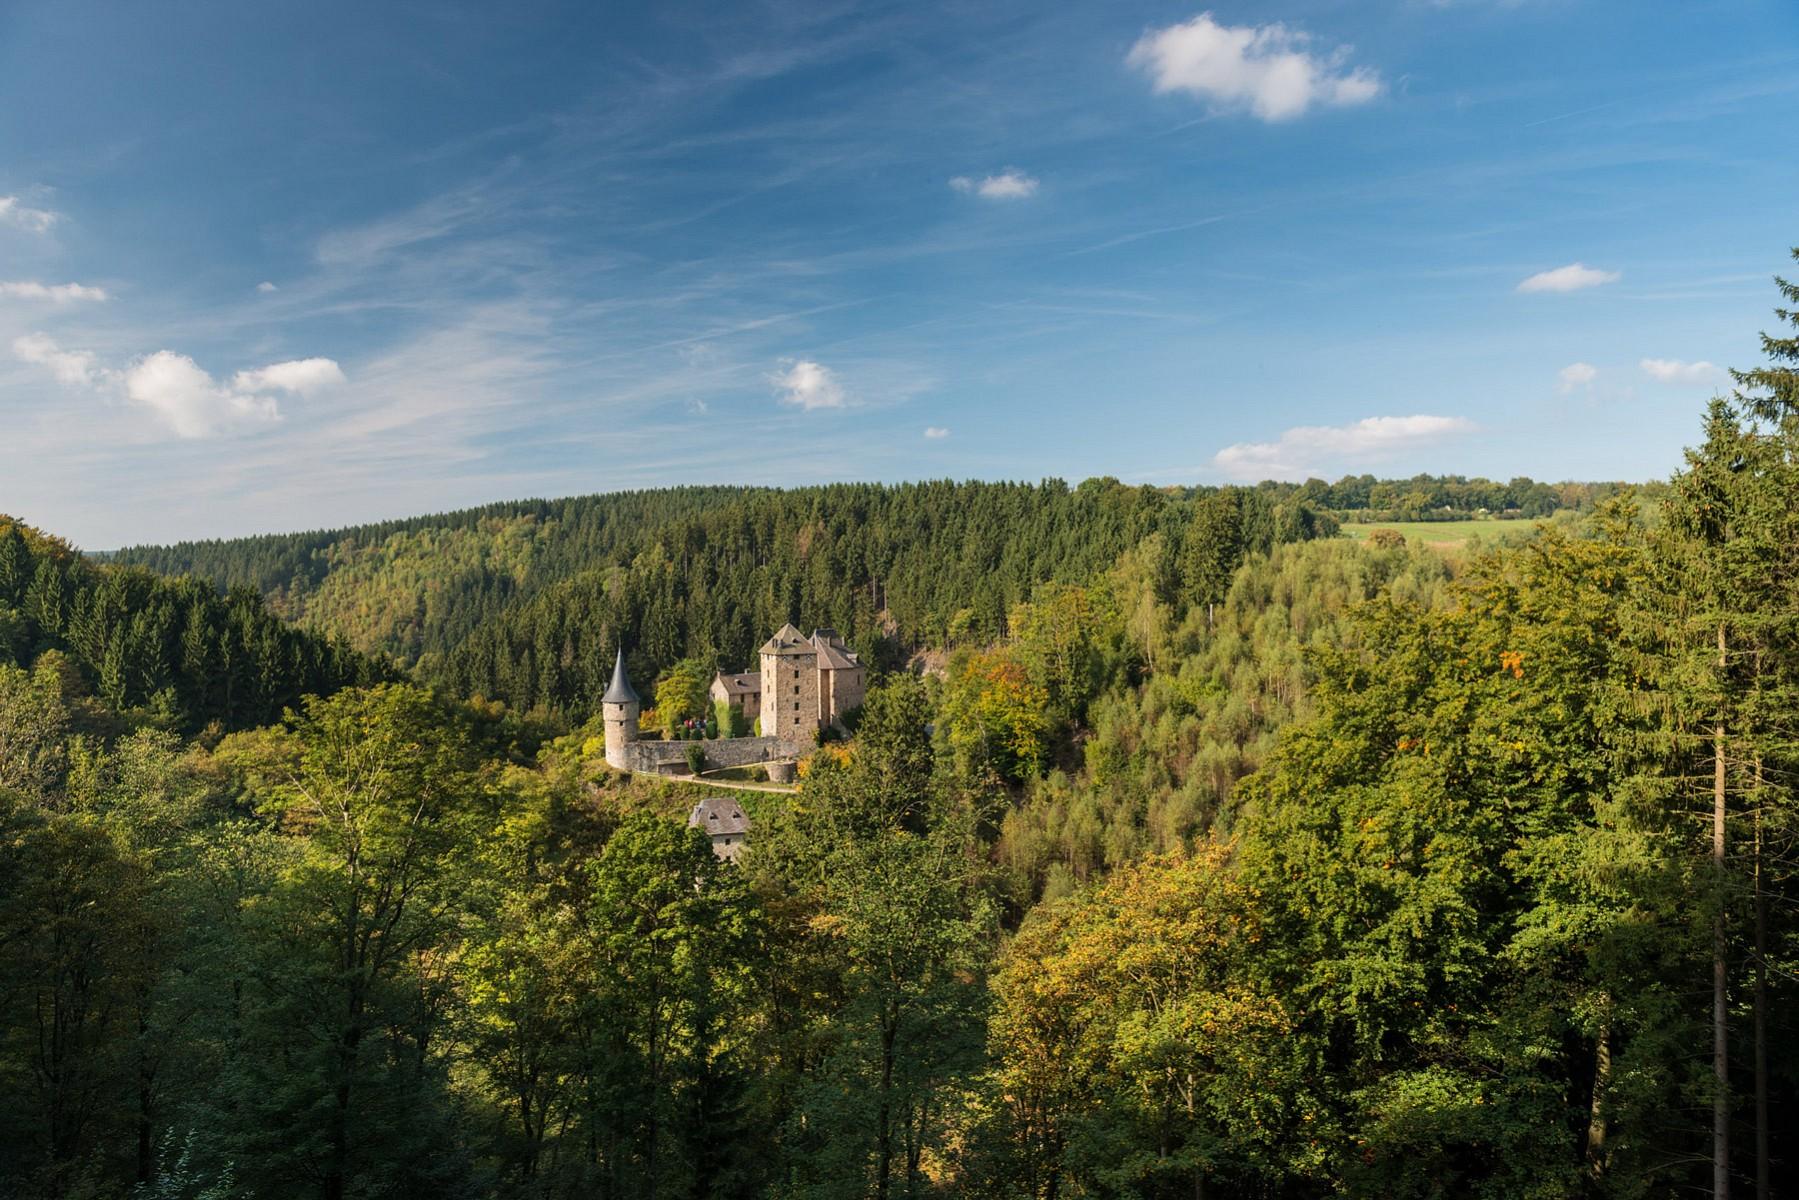 pAm-Fuszlige-des-Hohen-Venns-thront-die-Burg-Reinhardstein-auf-einem-Felssporn-uumlber-dem-Fluss-WarchenbspDie-Fluss--und-Waldlandschaft-rund-um-die-Burg-ist-so-interessant-dass-es-hier-sowohl-Fern--als-auch-Rundwege-zu-erwandern-gibtnbspcopy-WBT-Dominik-Ketzp